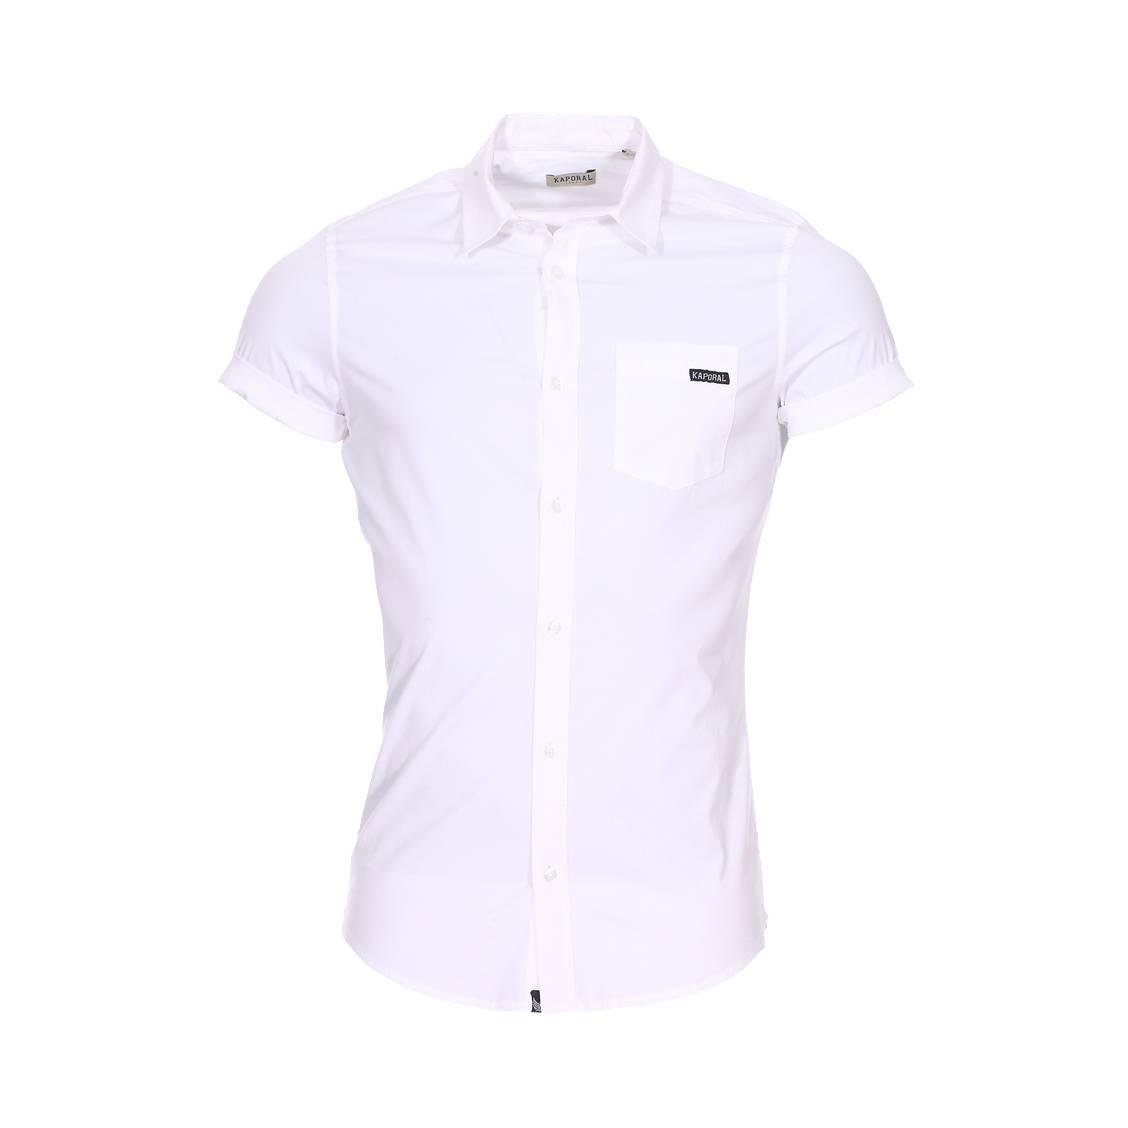 Chemise manches courtes cintrée  logik en coton stretch blanc